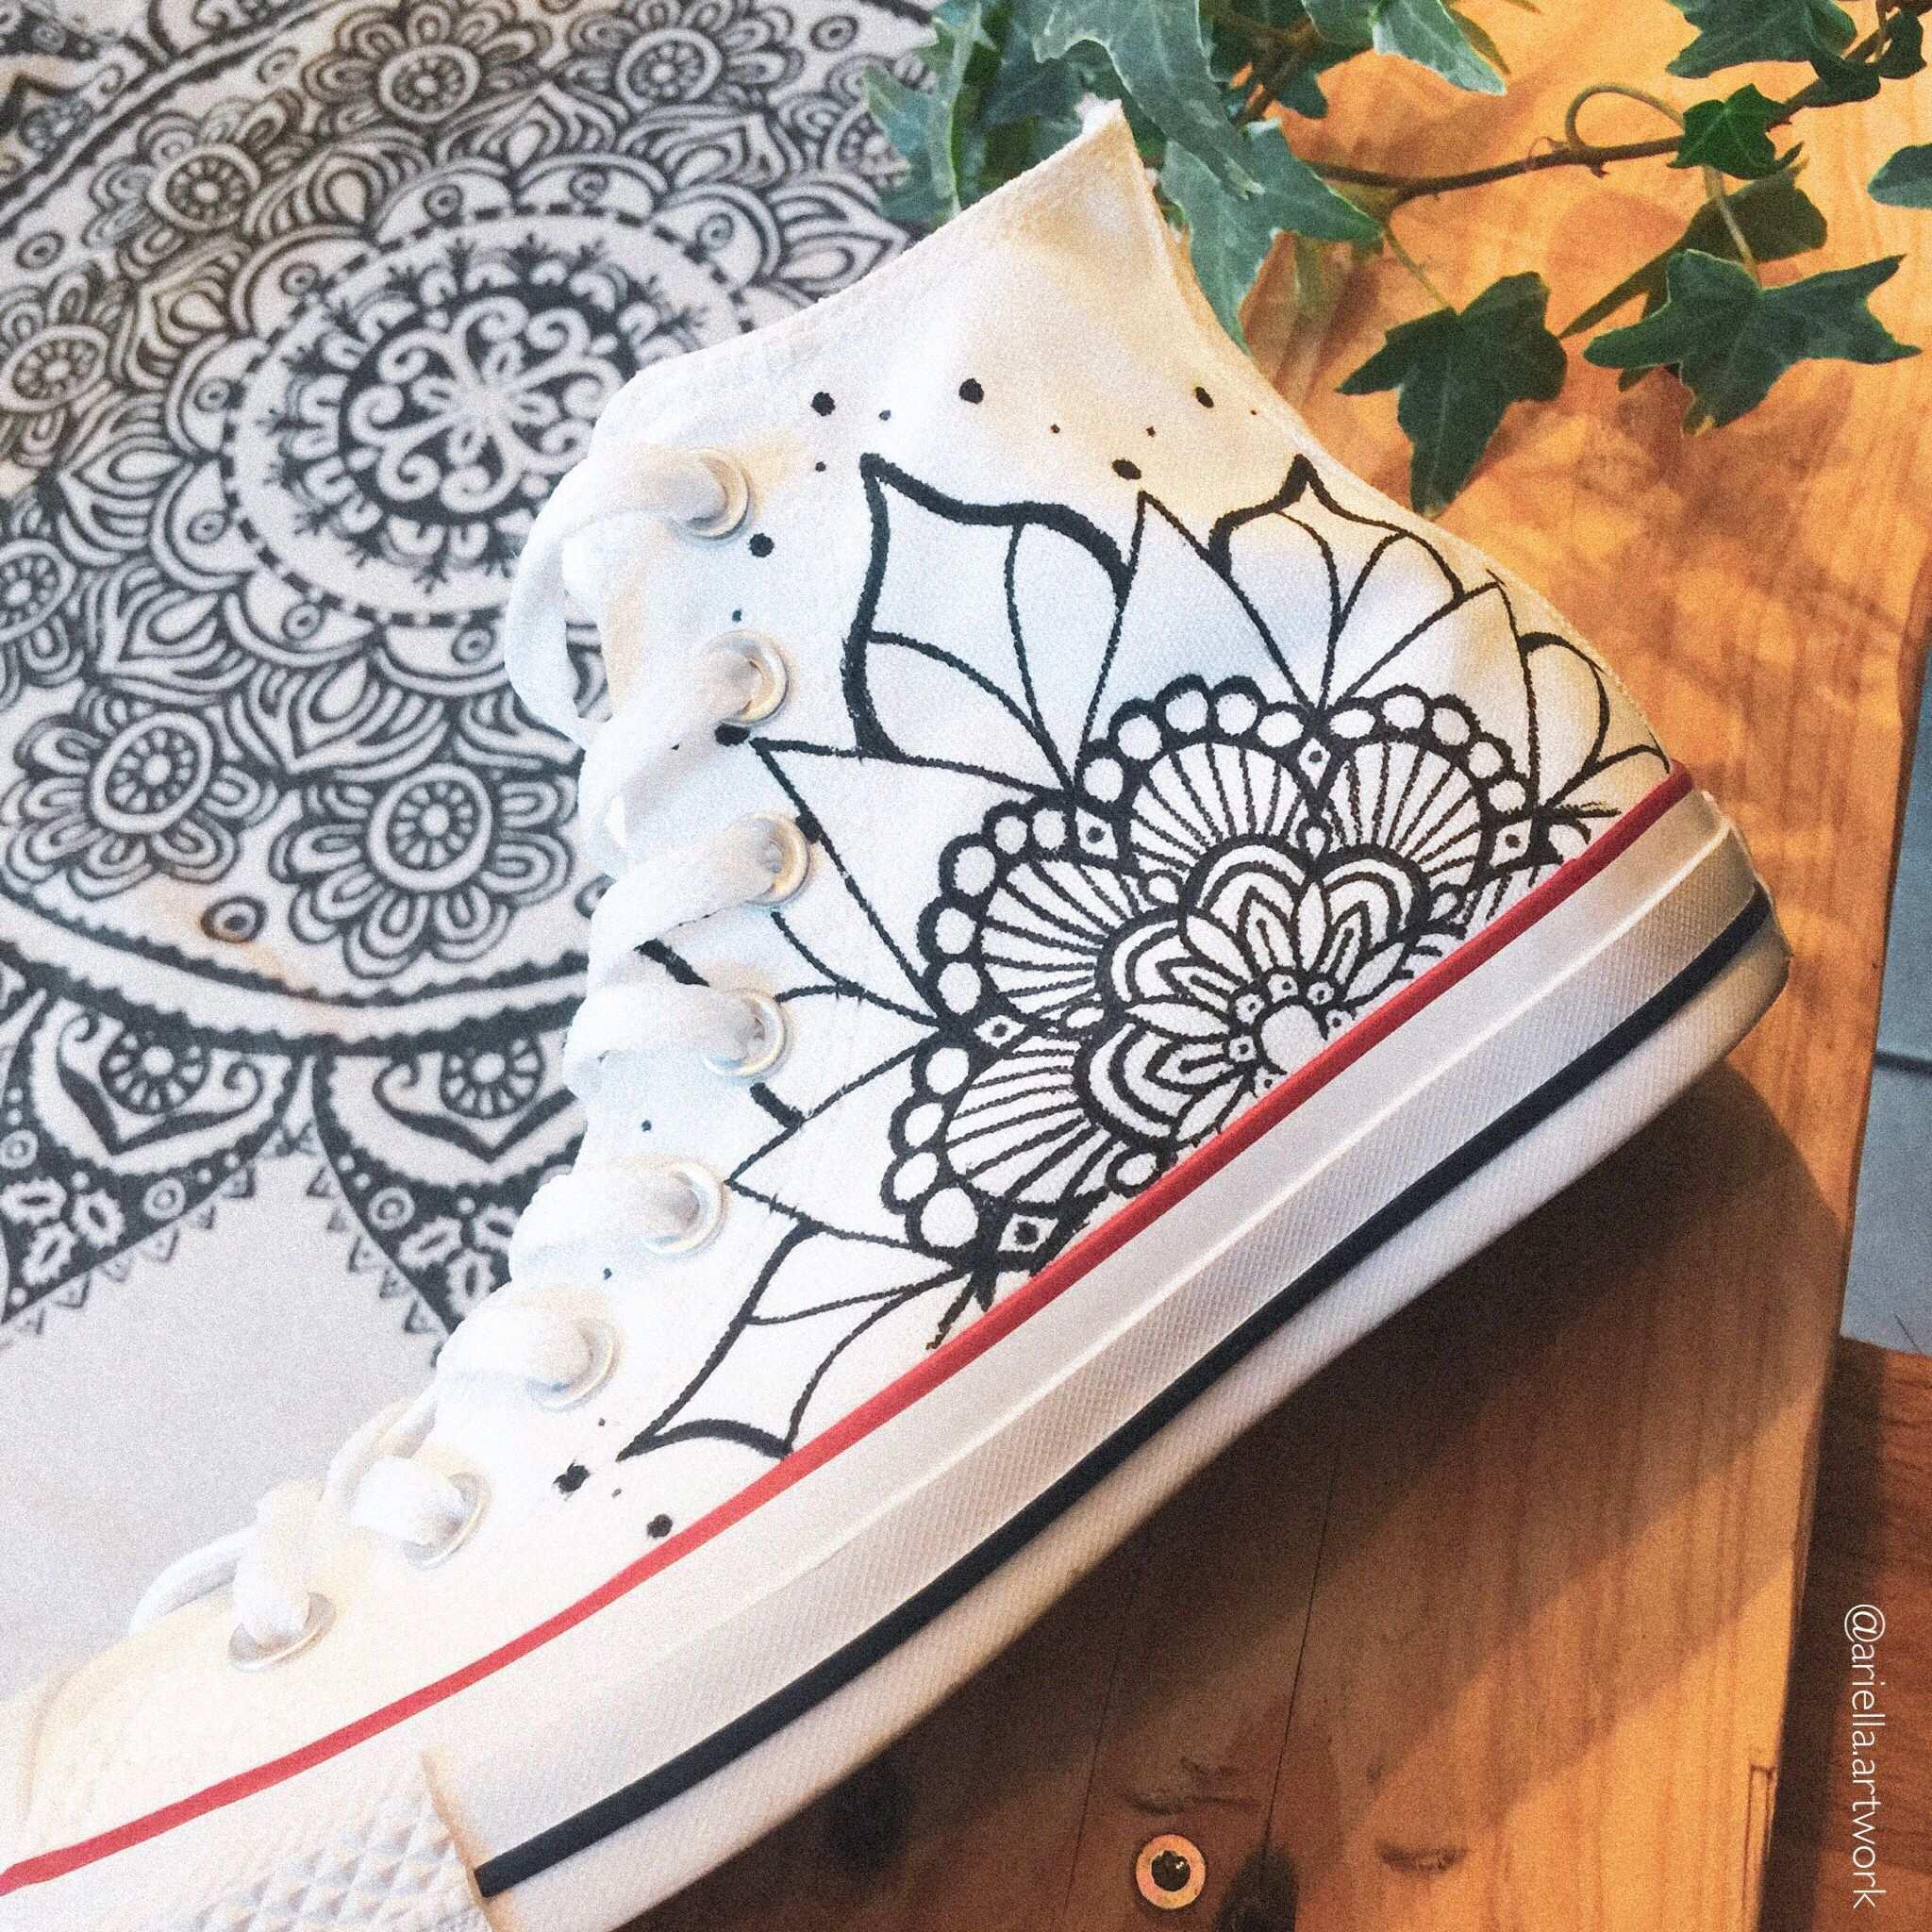 Customized Chucks Mandala Bemalte Schuhe Postkarten Fahrzeugbeschriftung